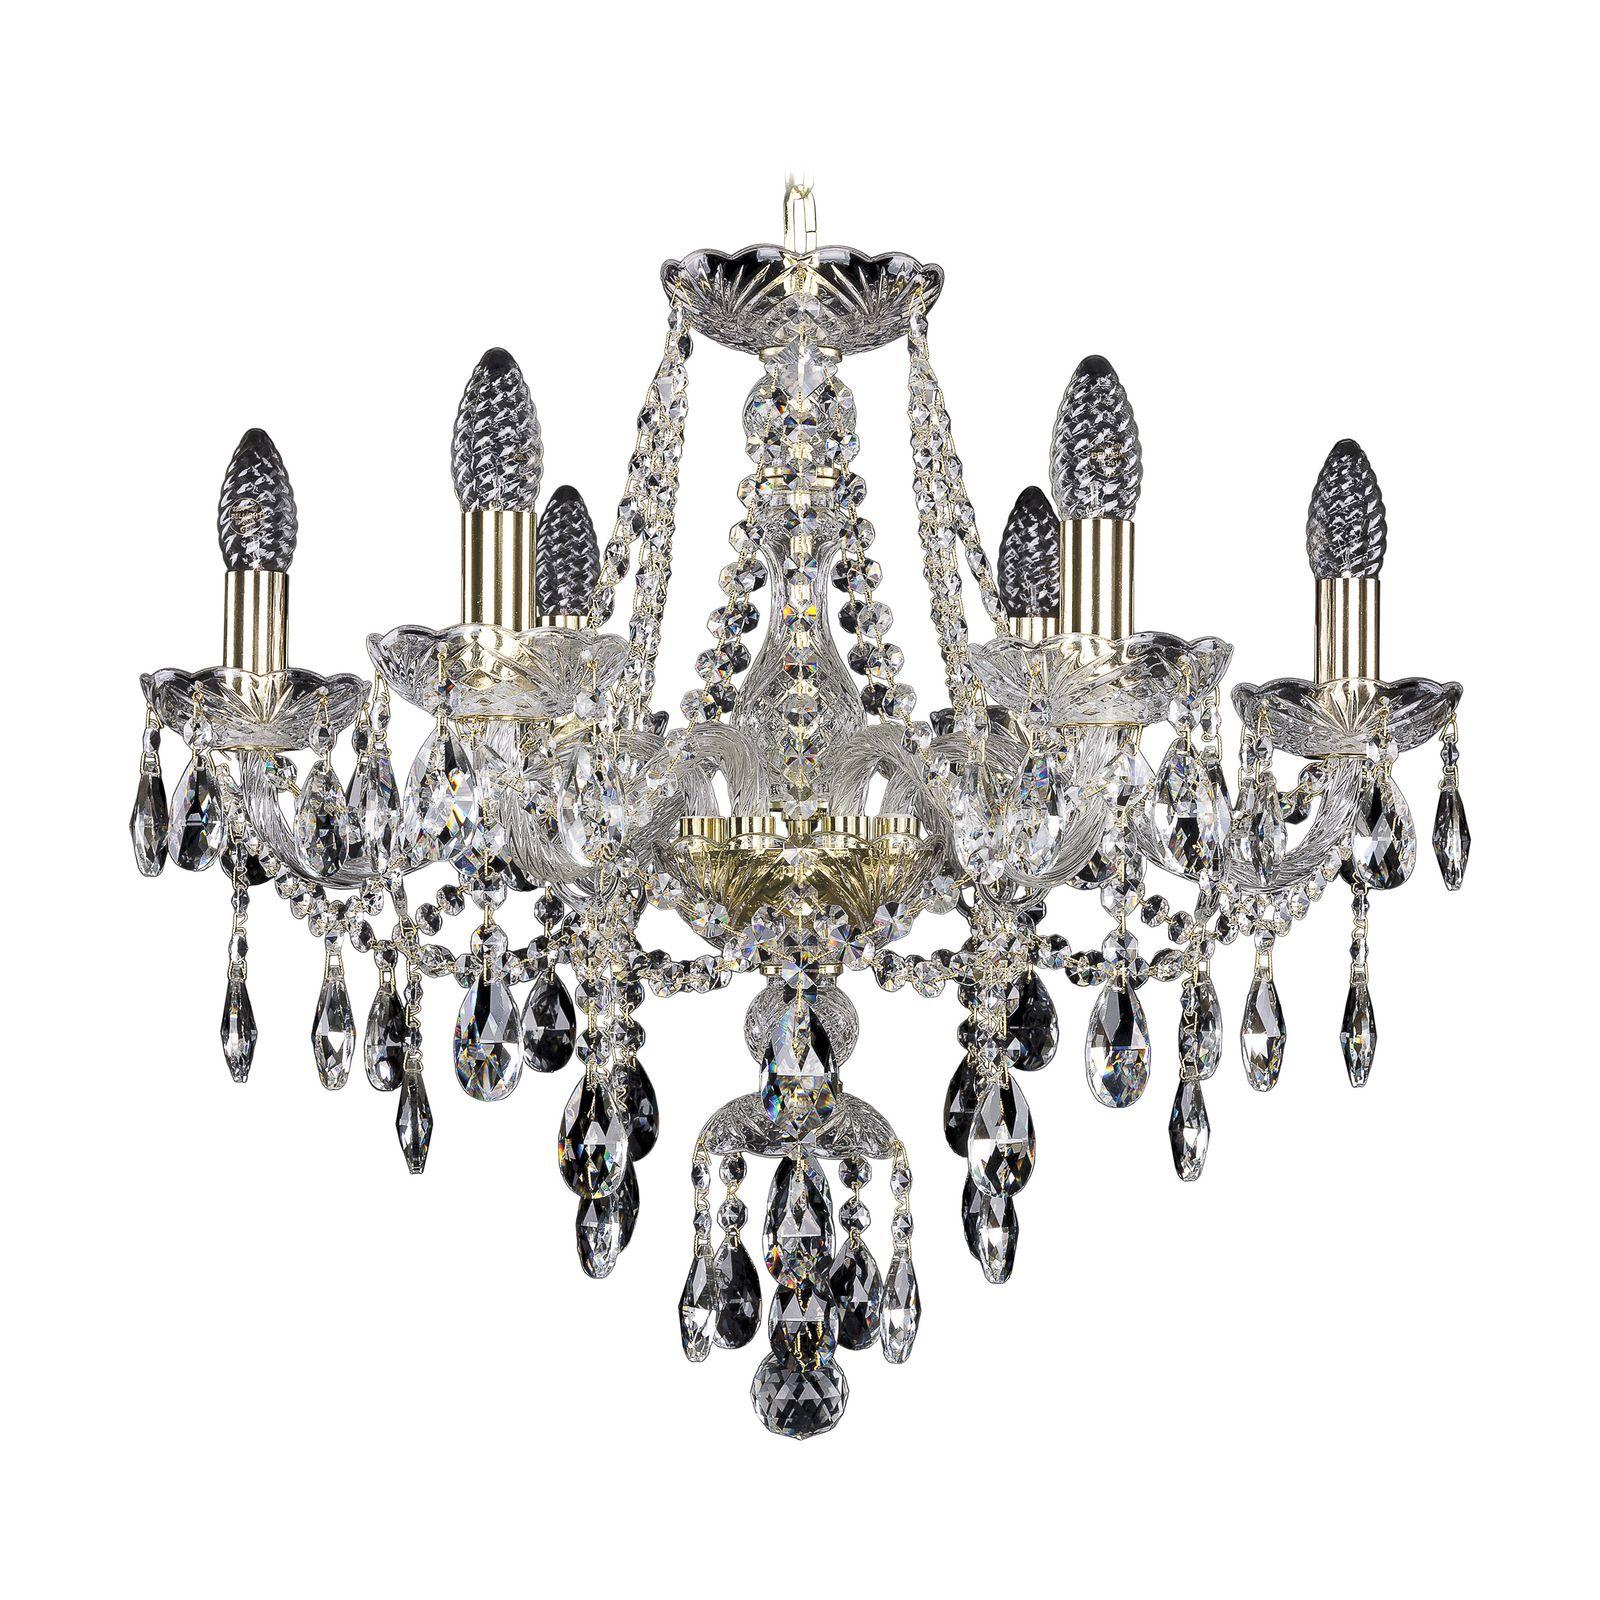 Потолочный светильник Bohemia Ivele Crystal 1415/8/141 G, E14, 40 Вт все цены